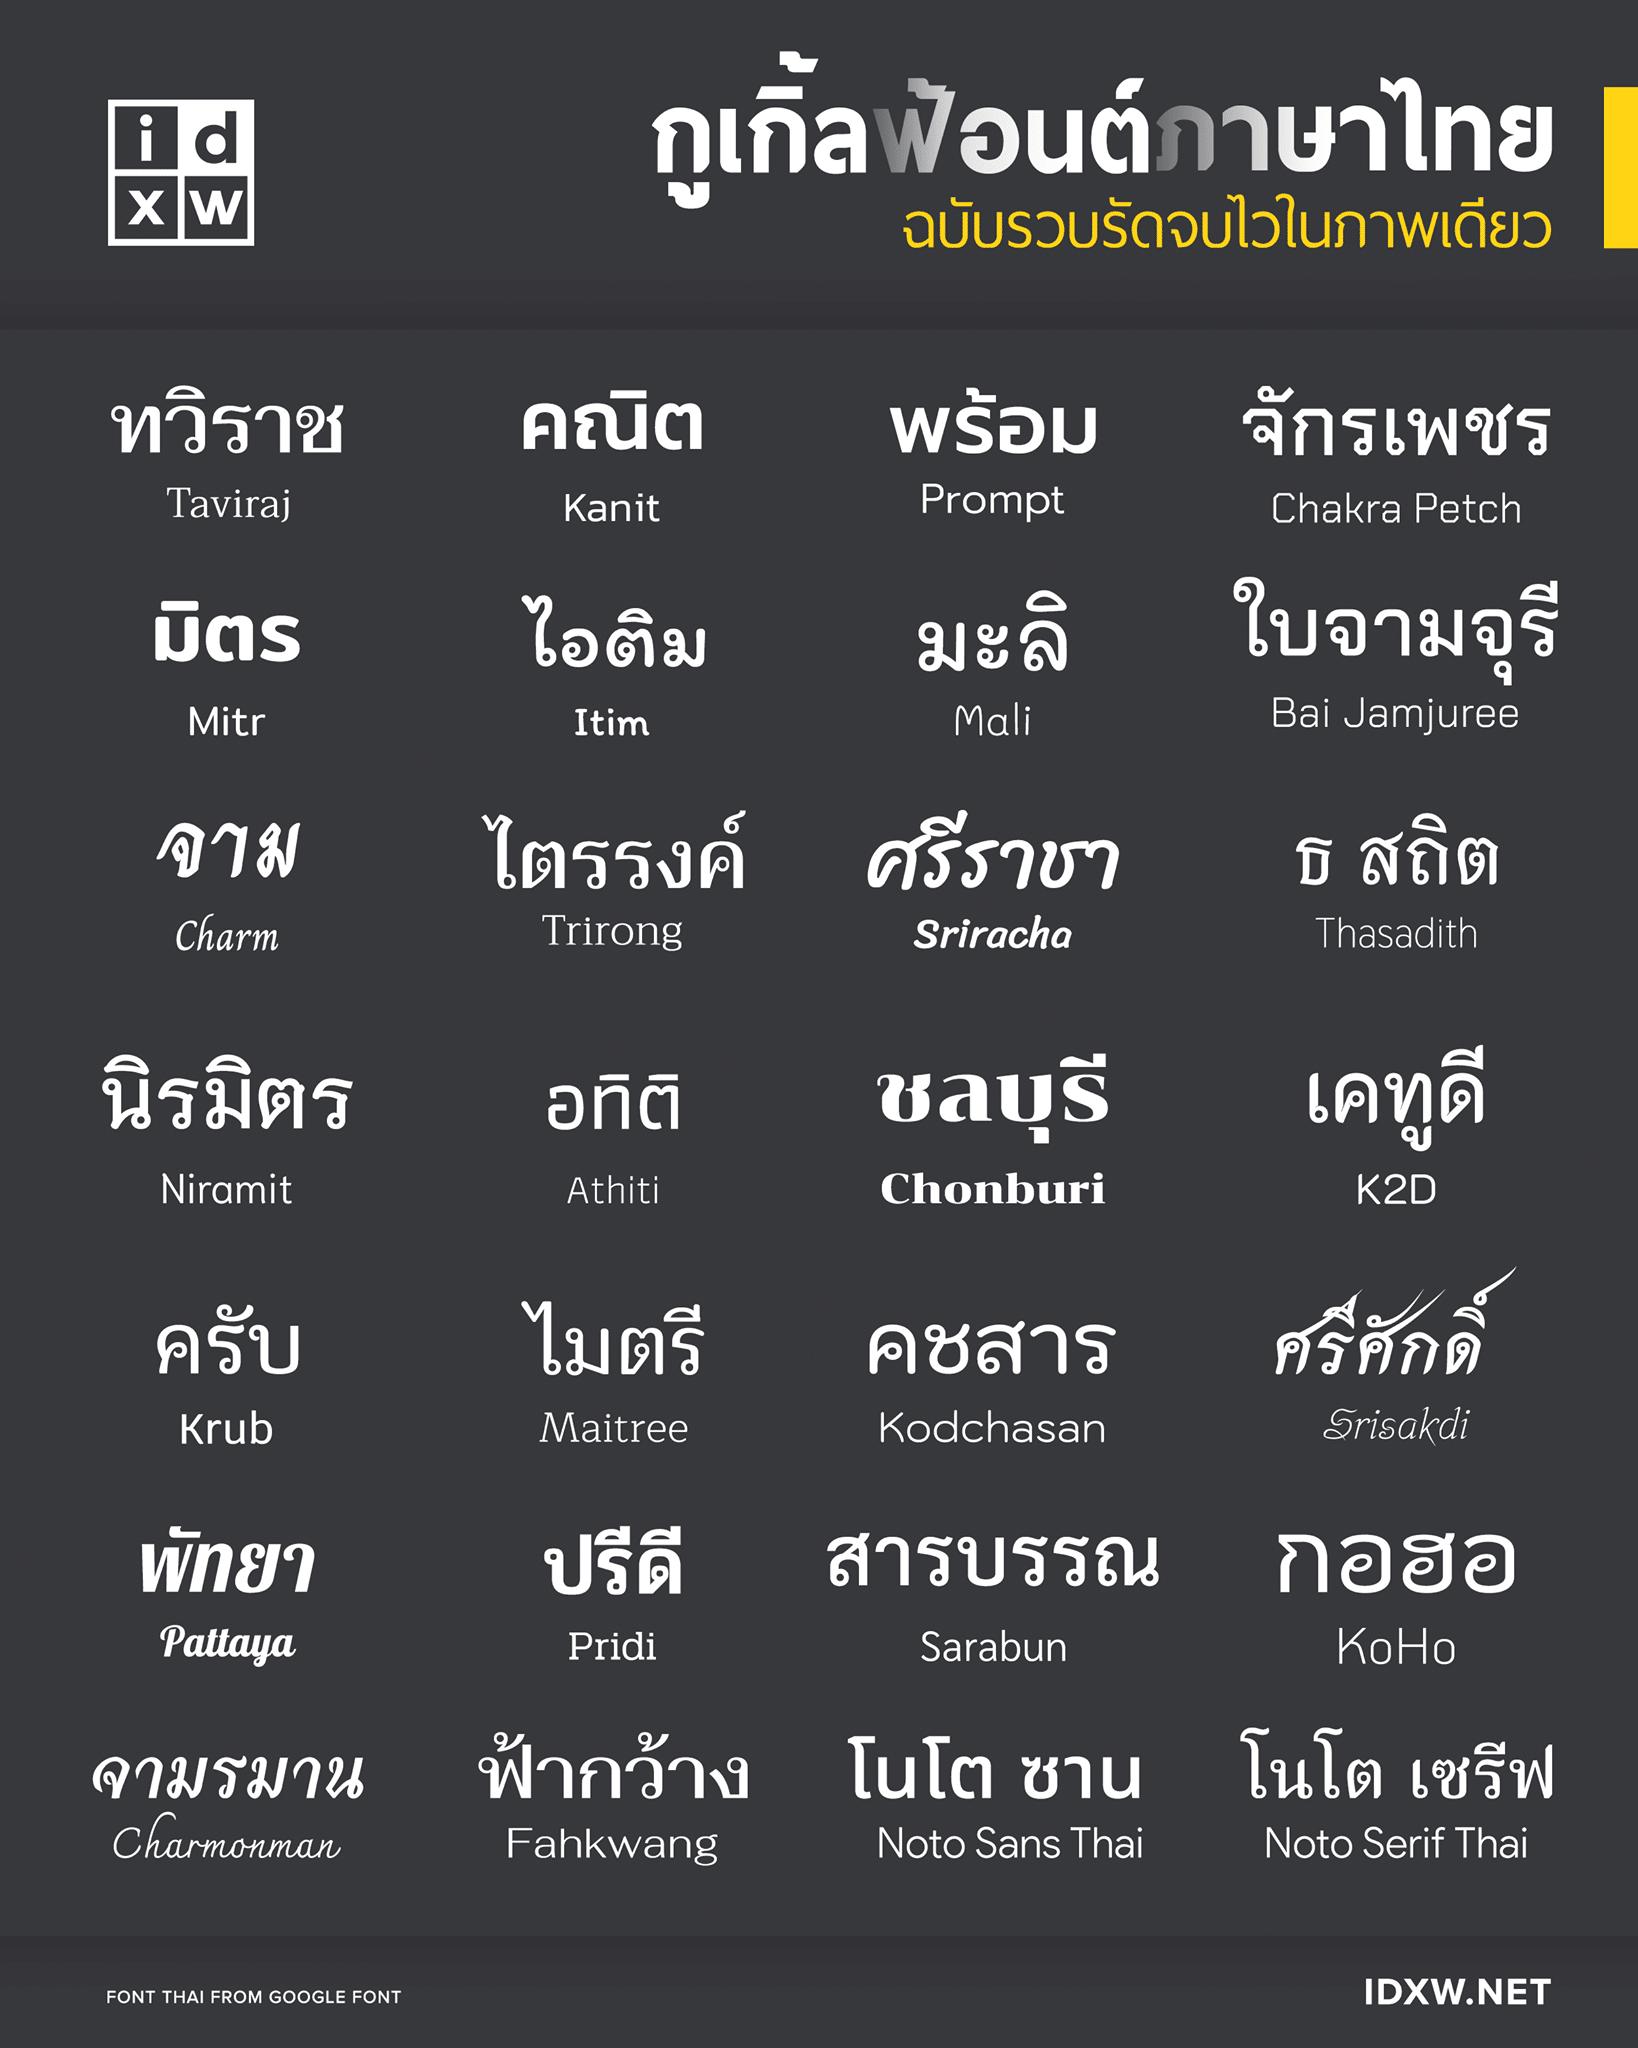 แนะนำแหล่งดาวน์โหลดฟอนต์ ภาษาไทย สวย ถูกลิขสิทธิ์จาก Google ดาวน์โหลดฟรี!!